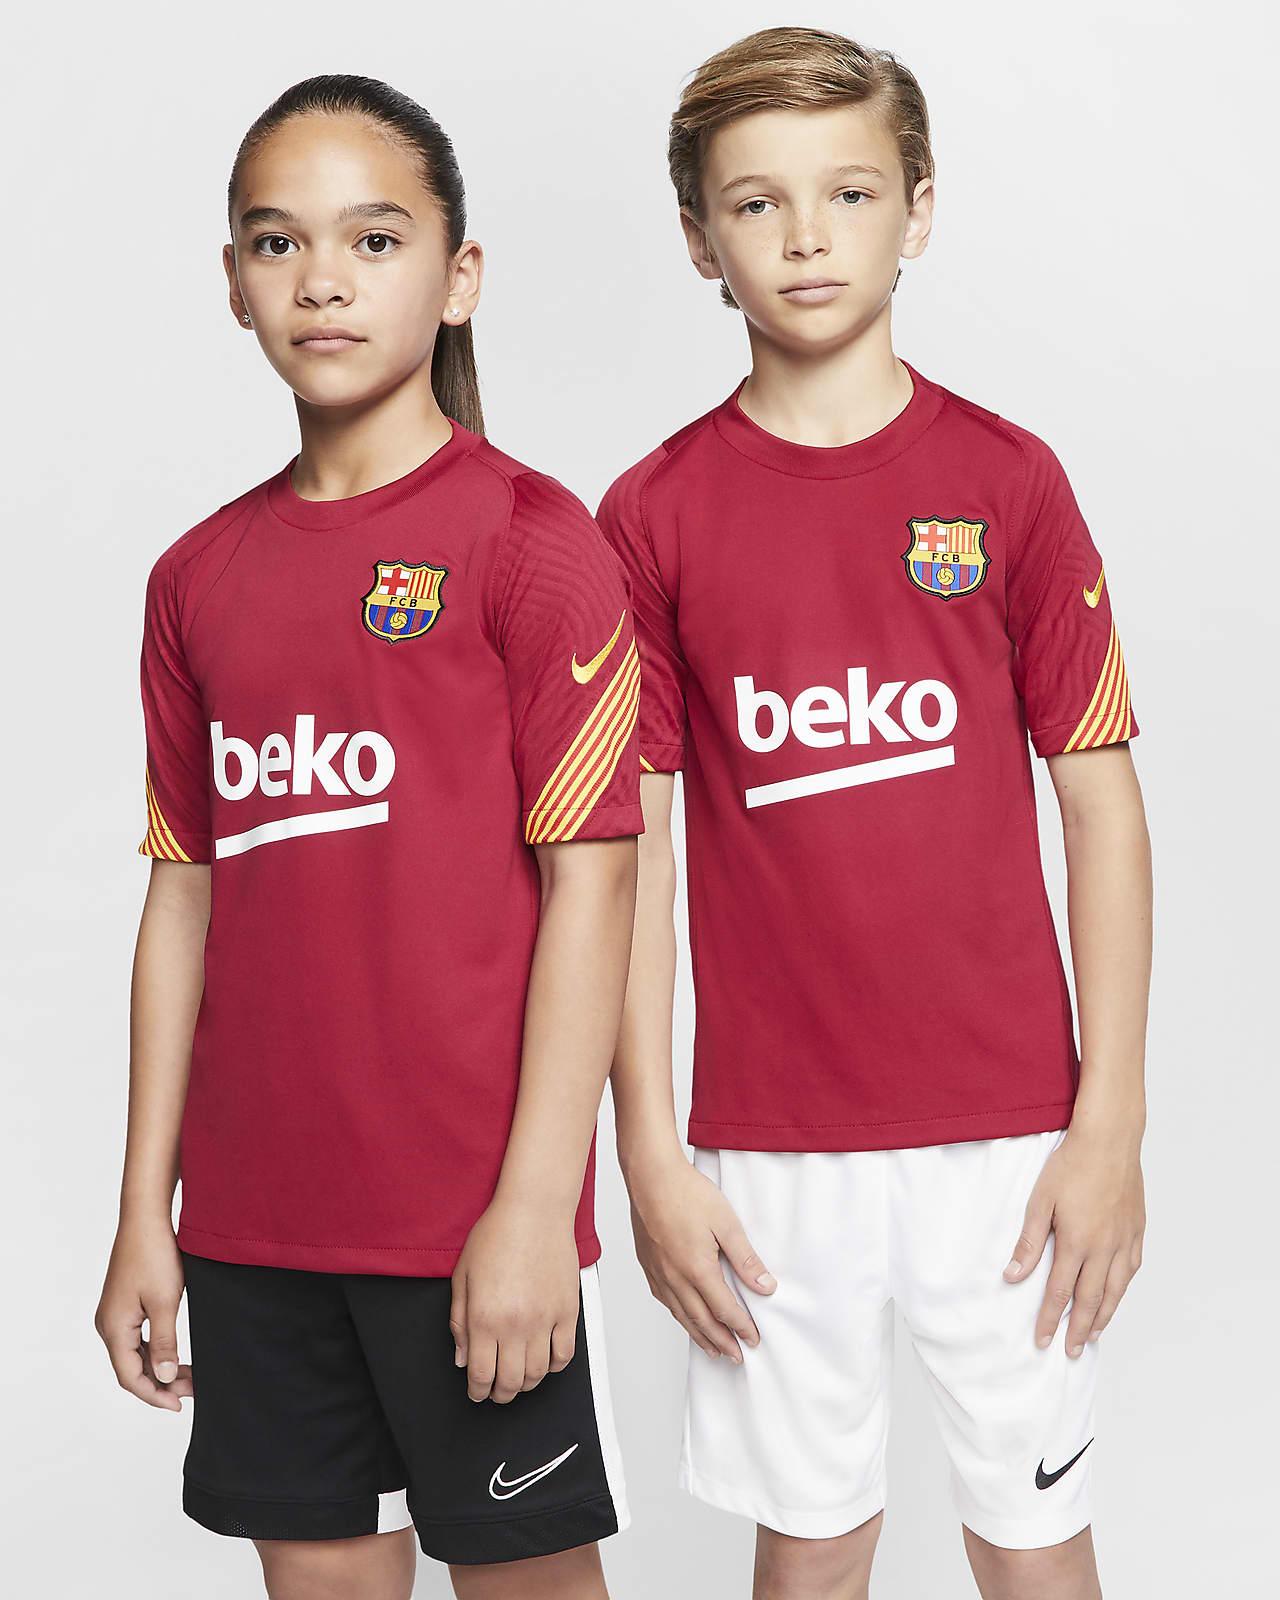 Κοντομάνικη ποδοσφαιρική μπλούζα Μπαρτσελόνα Strike για μεγάλα παιδιά